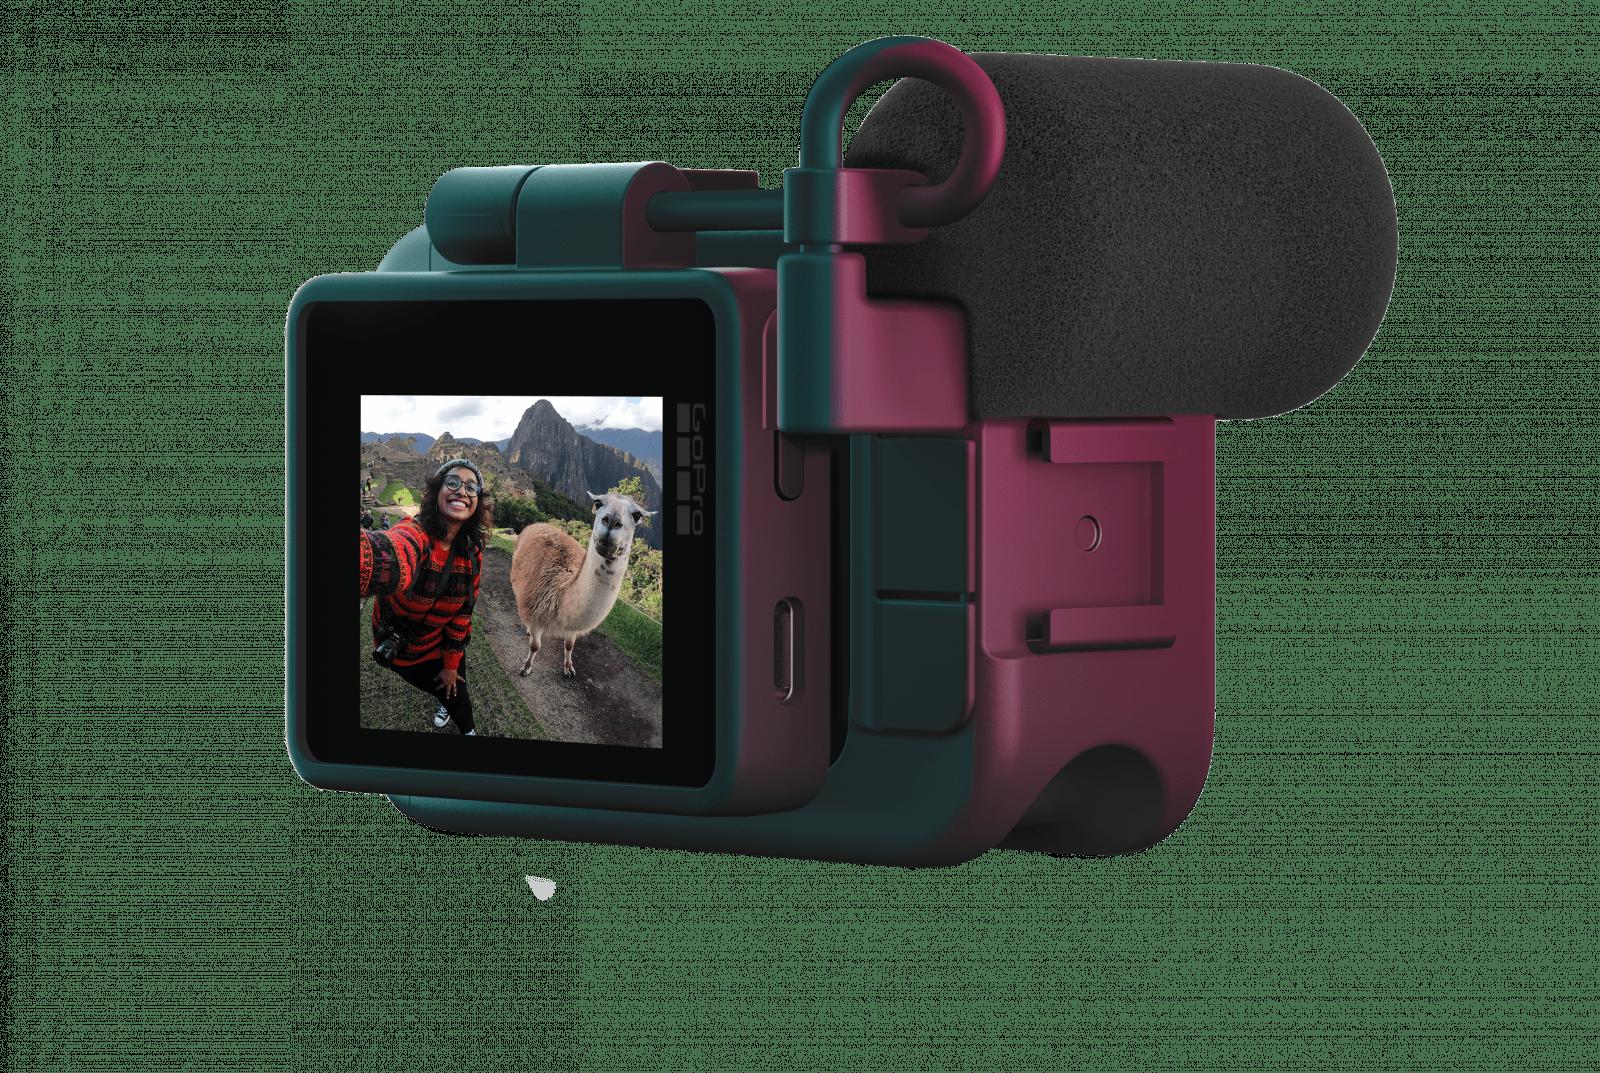 Компания GoPro представила новейшую камеру HERO9 Black (45 hero9black displaymod down image)